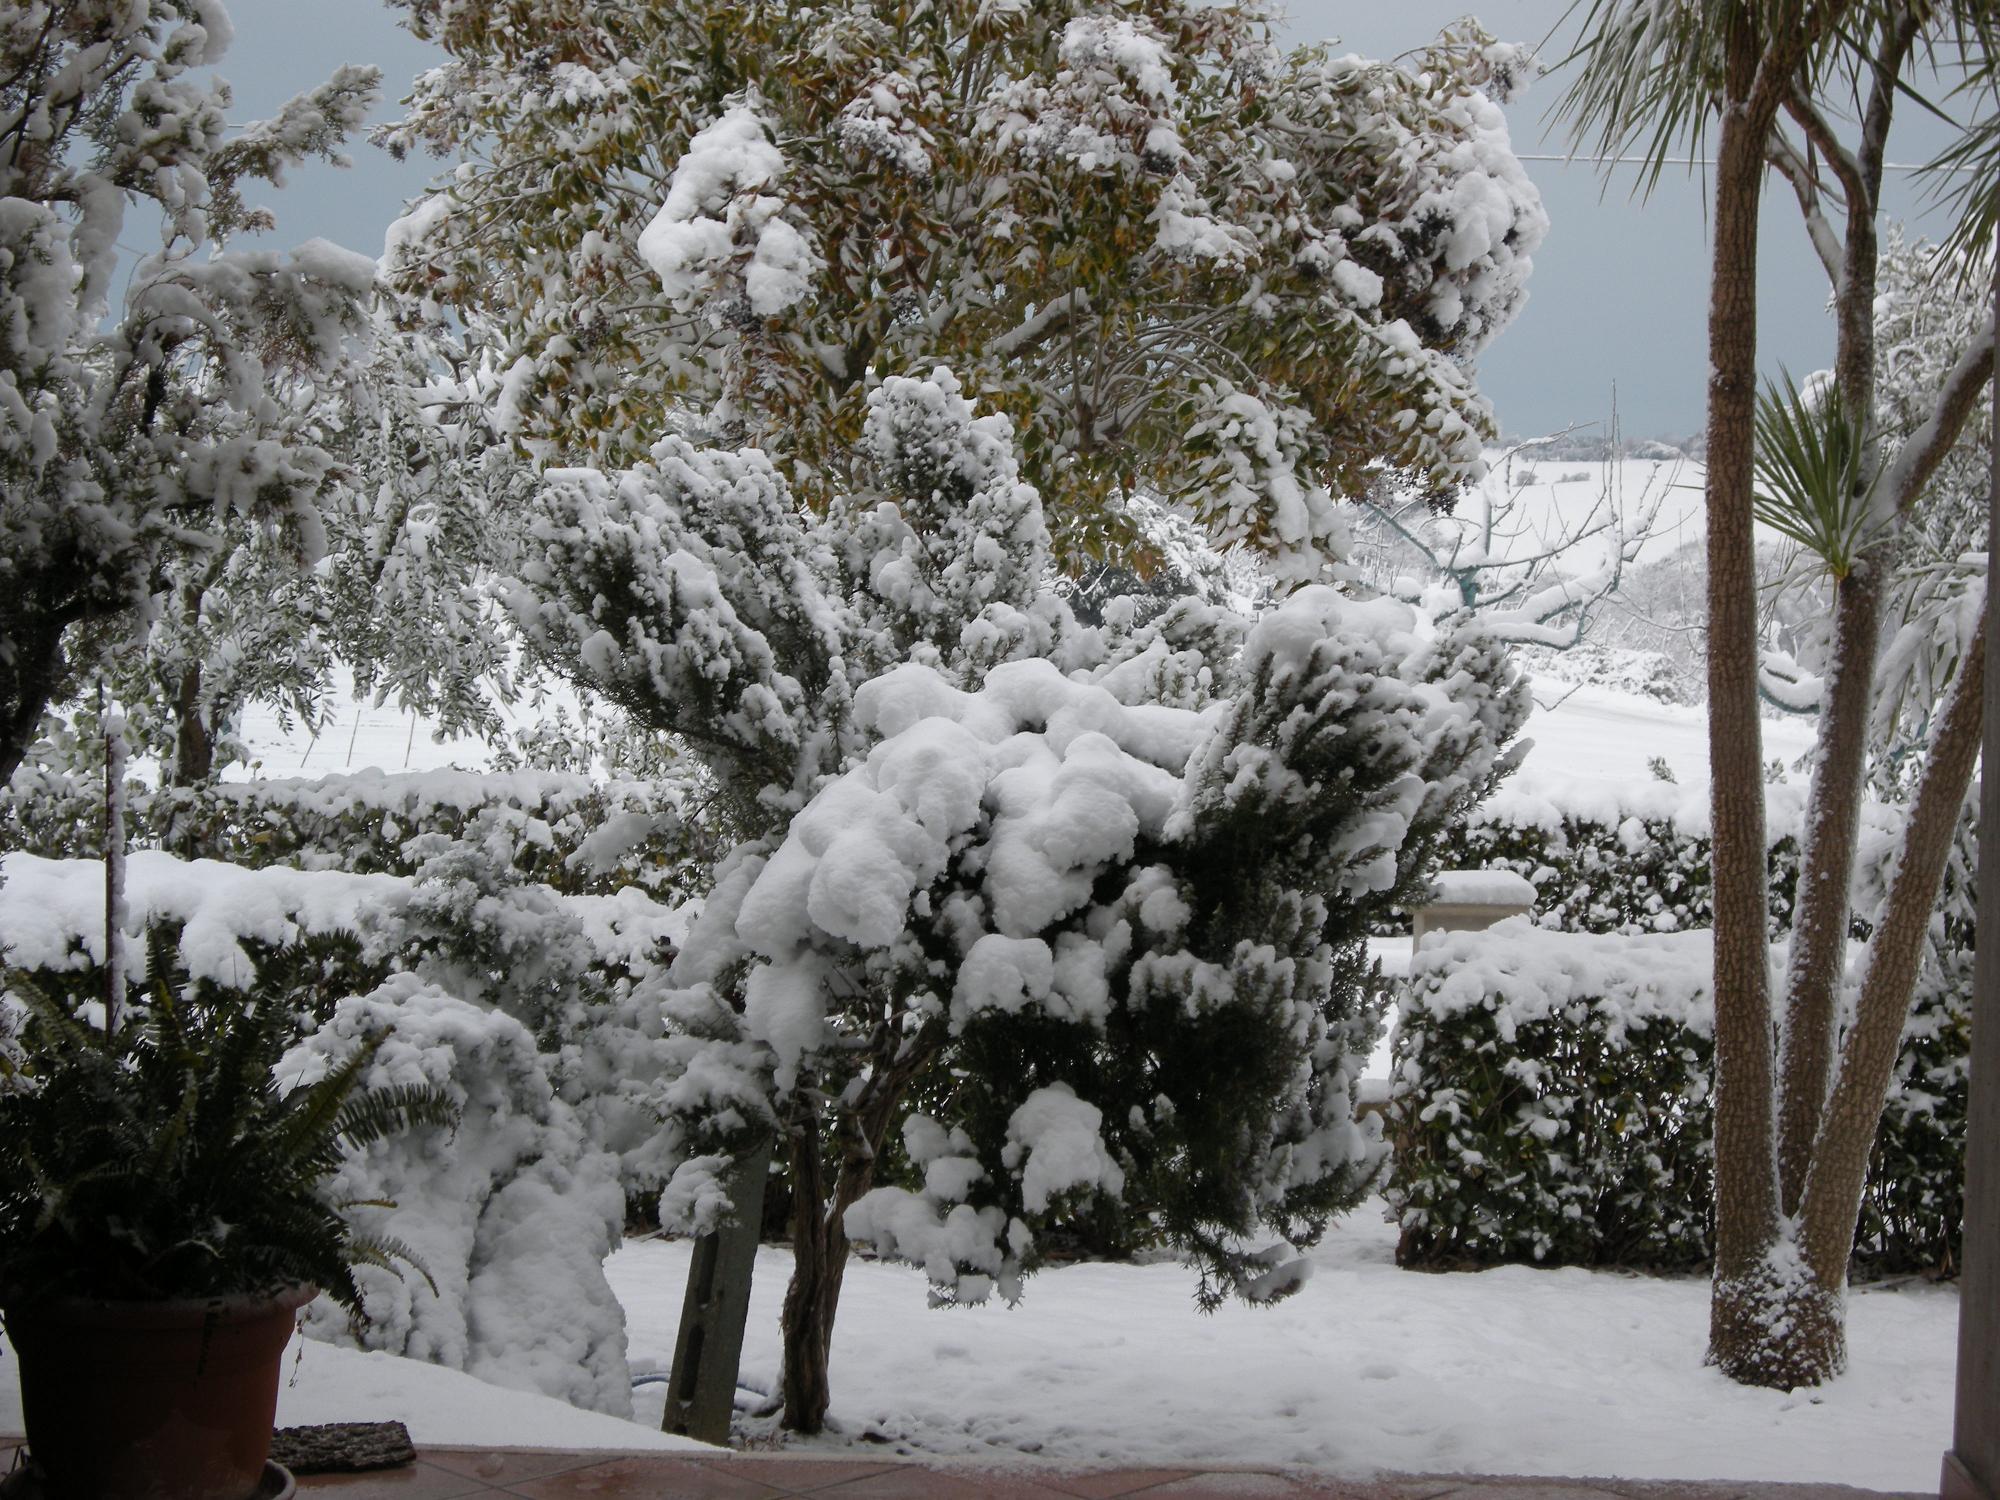 Cupra Marittima 3 febbraio 2012 (foto di Valeria)